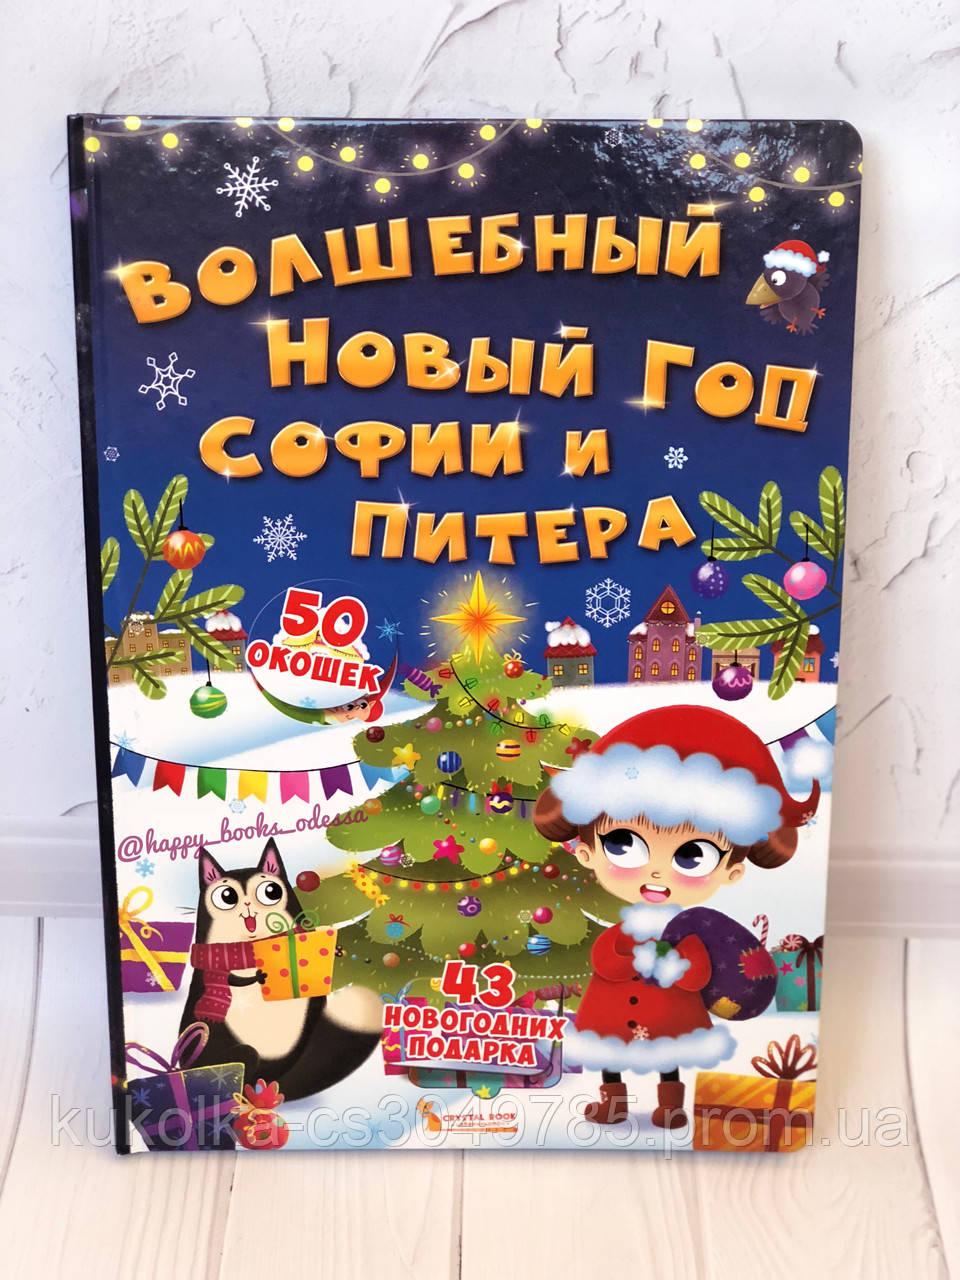 « Волшебный Новый Год Софии и Питера » с открывающимися окошками